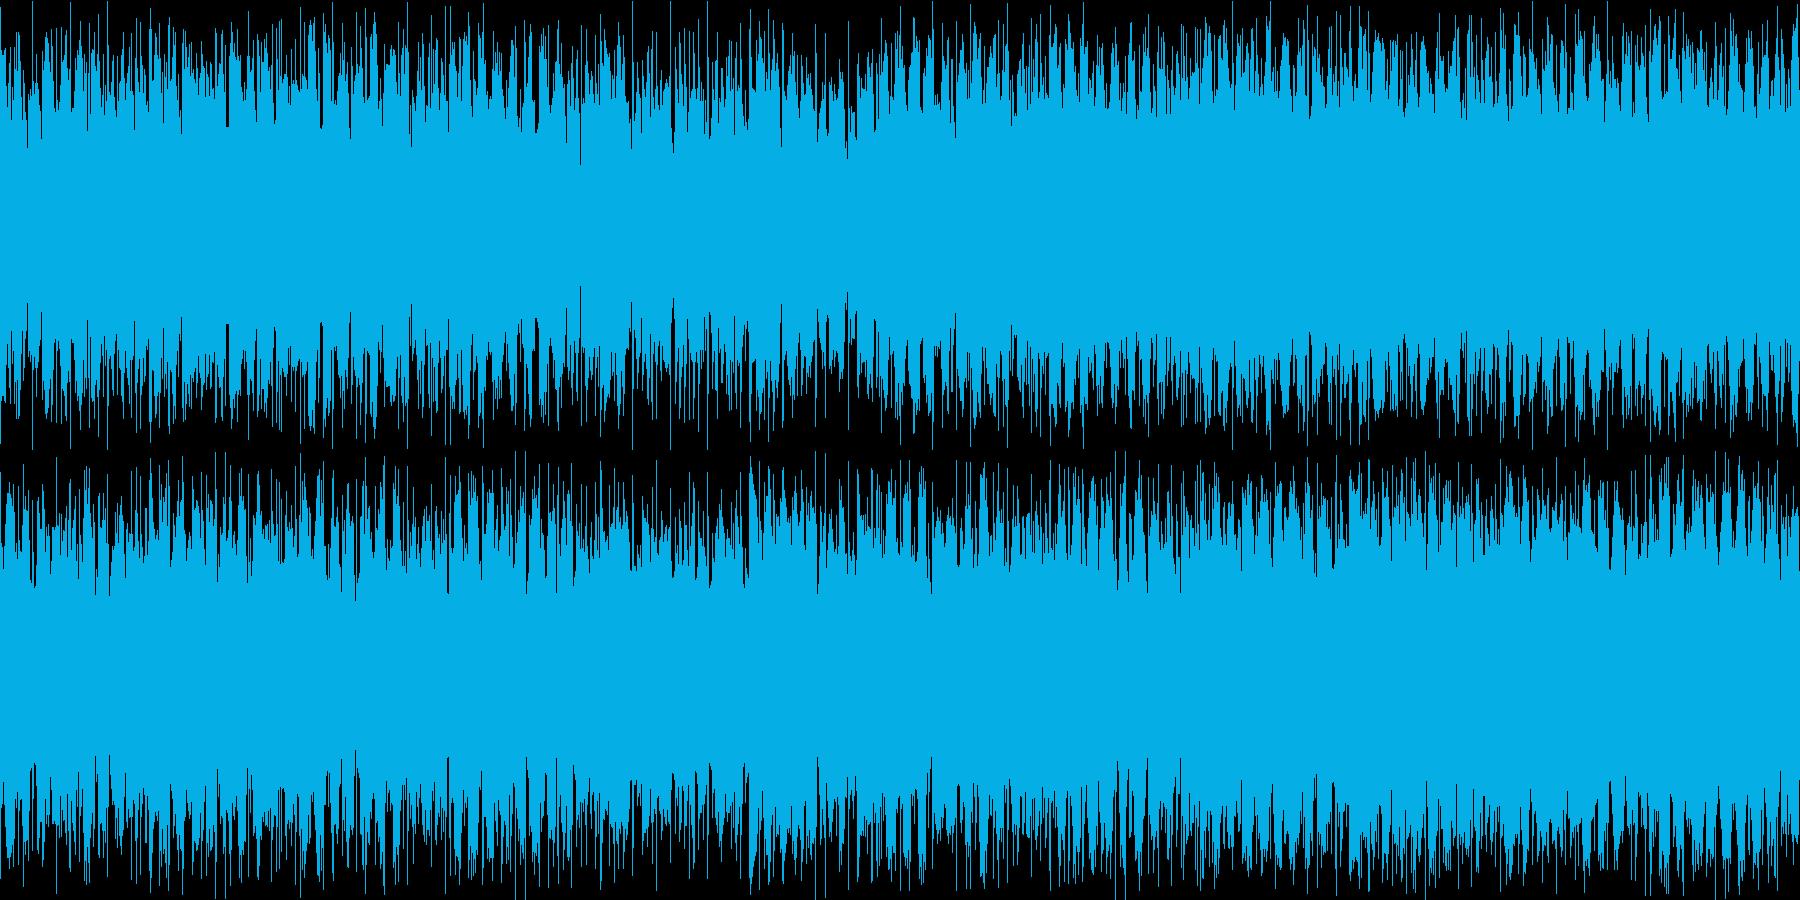 クールなDrum'NBassループの再生済みの波形